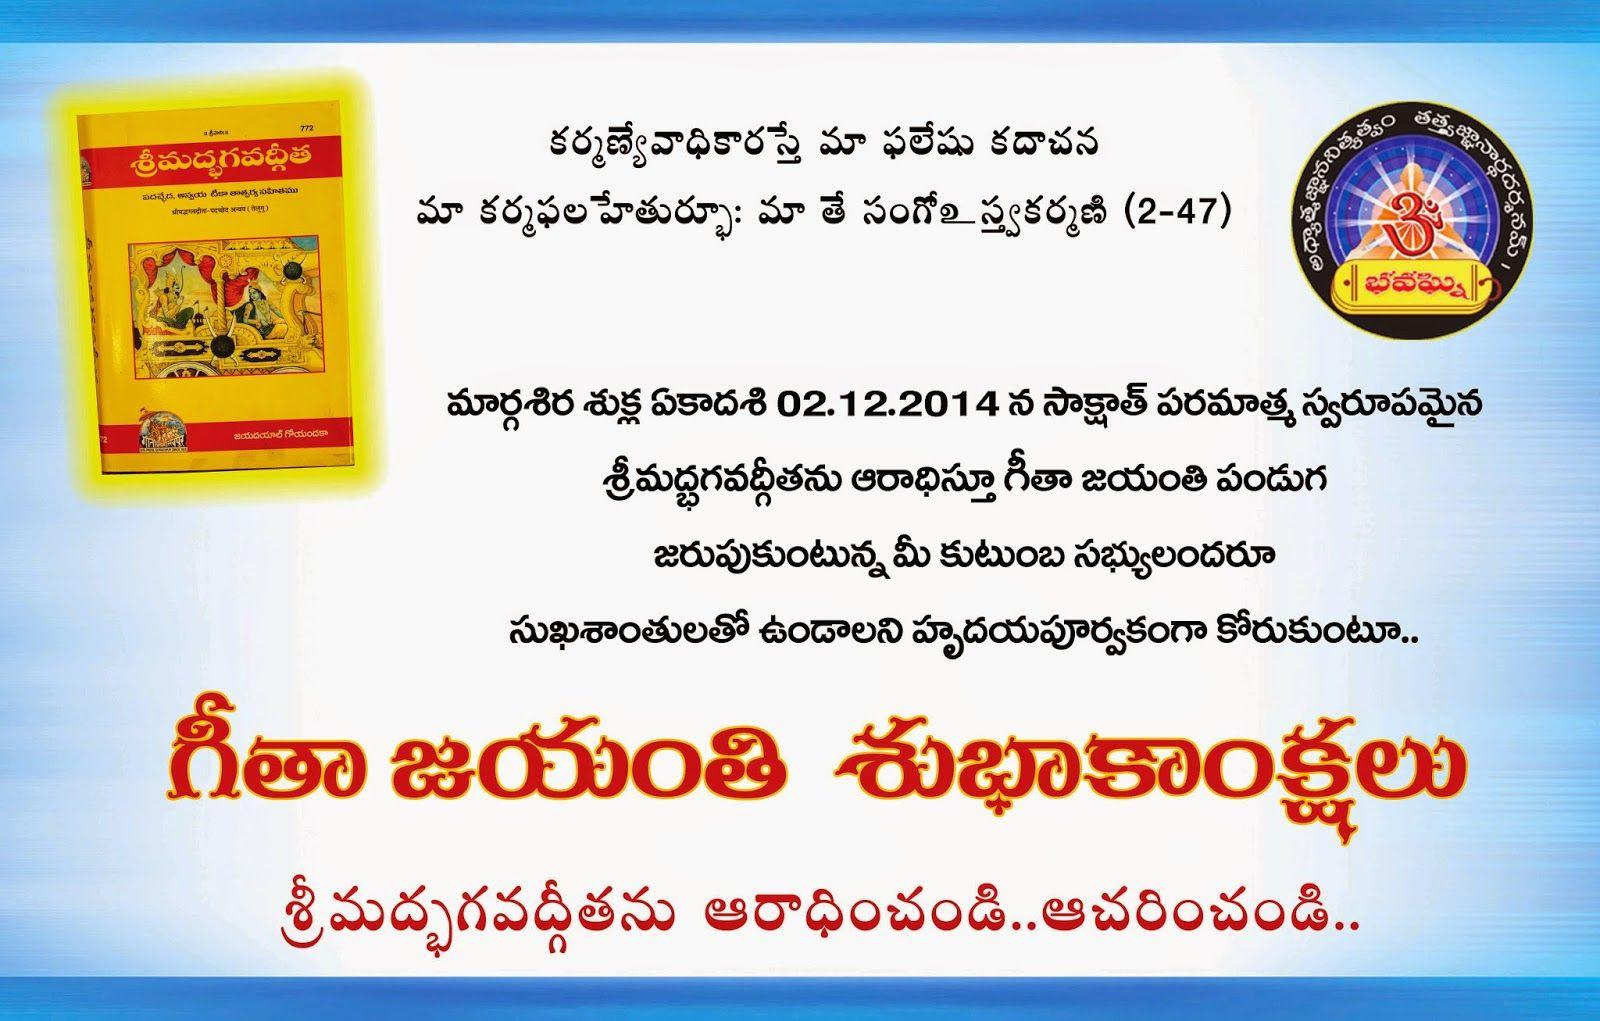 Gita Jayanthi Greetings in Telugu | Greetings | Pinterest